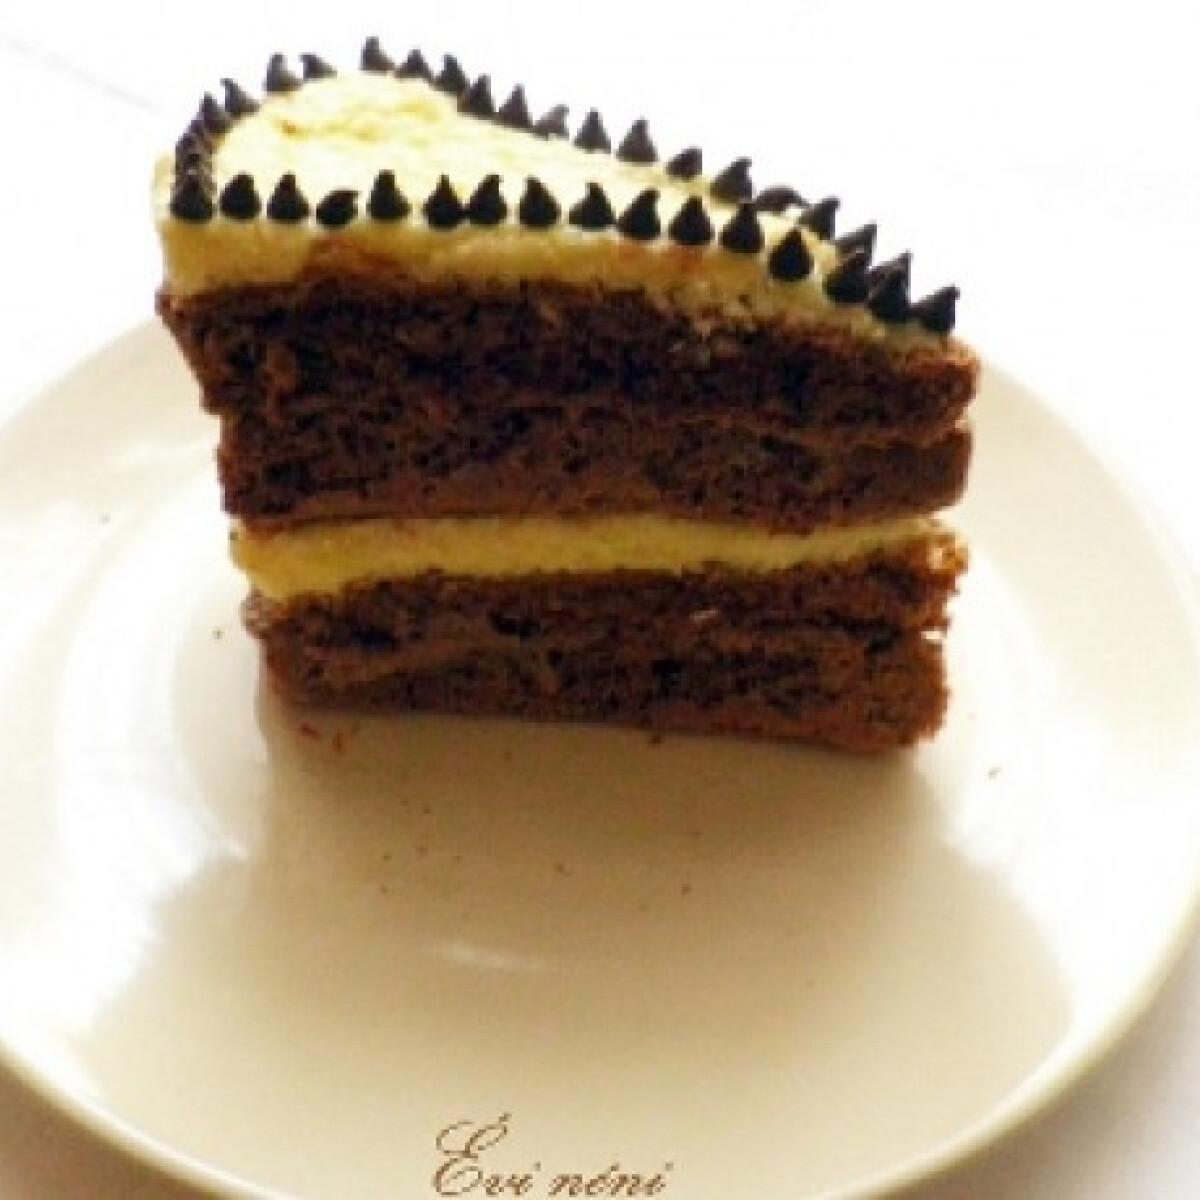 Ezen a képen: Kókusz- és kávékrémes torta